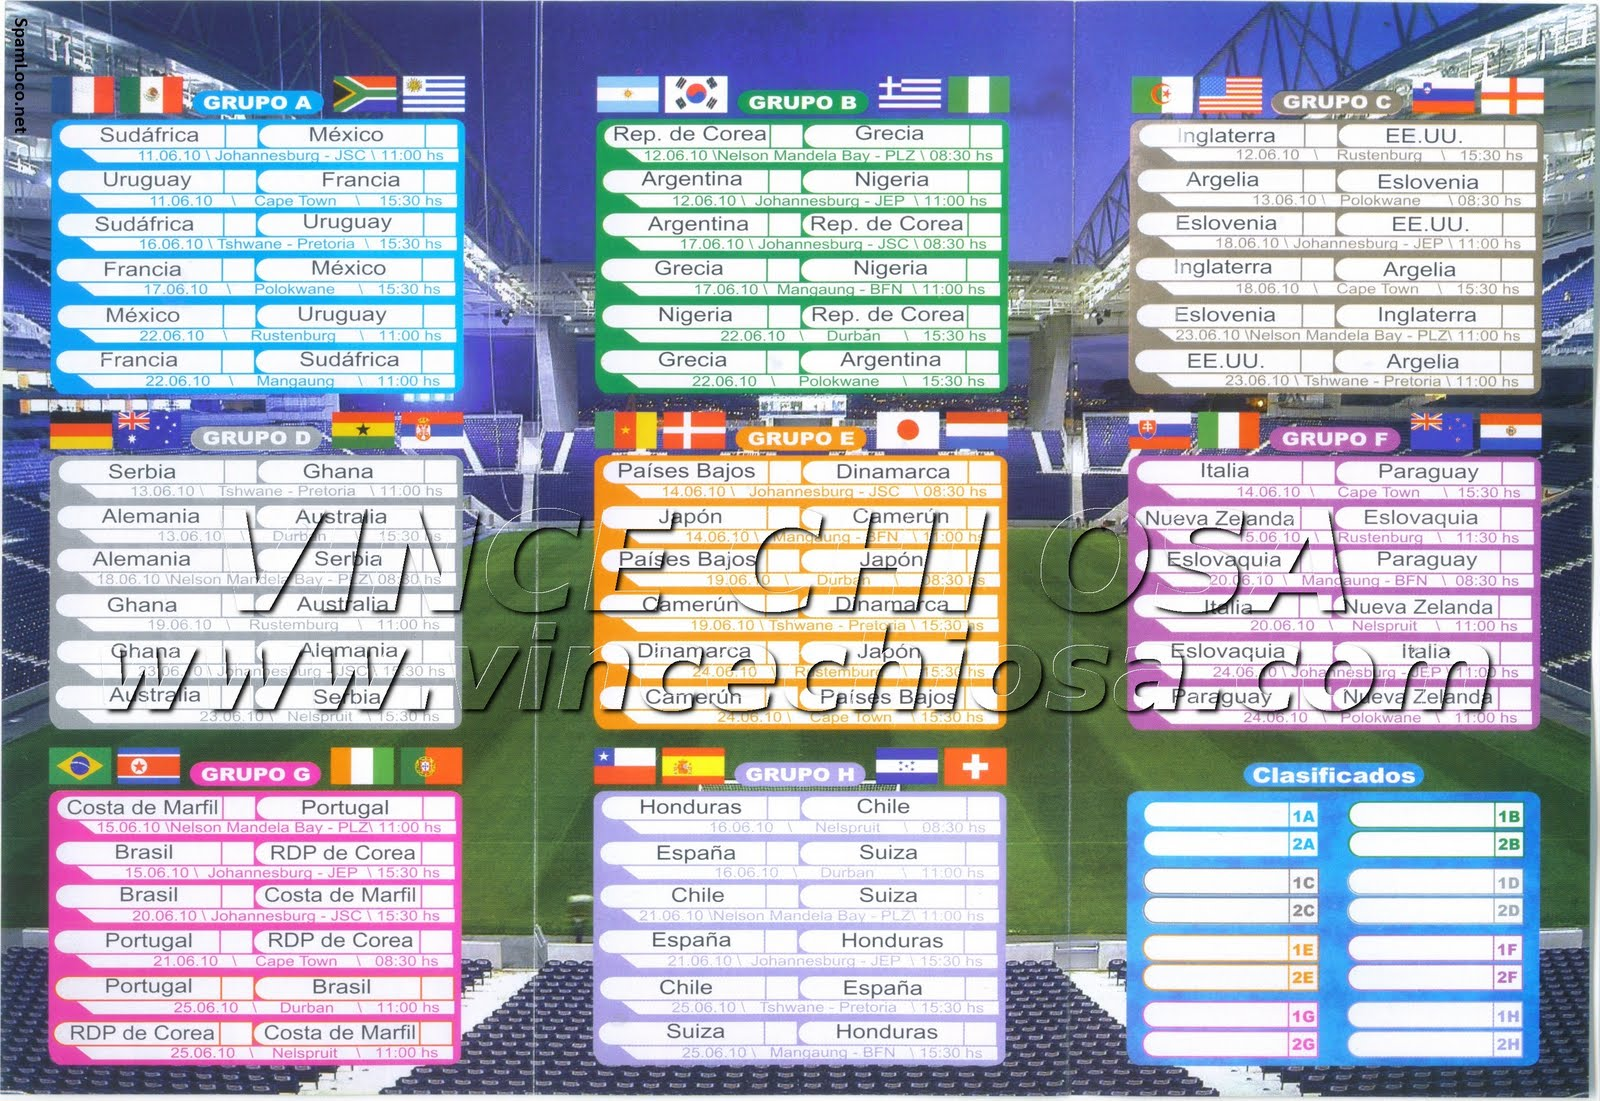 Calendario Partite Calcio.Guardare I Mondiali Di Calcio 2010 Gratis In Diretta